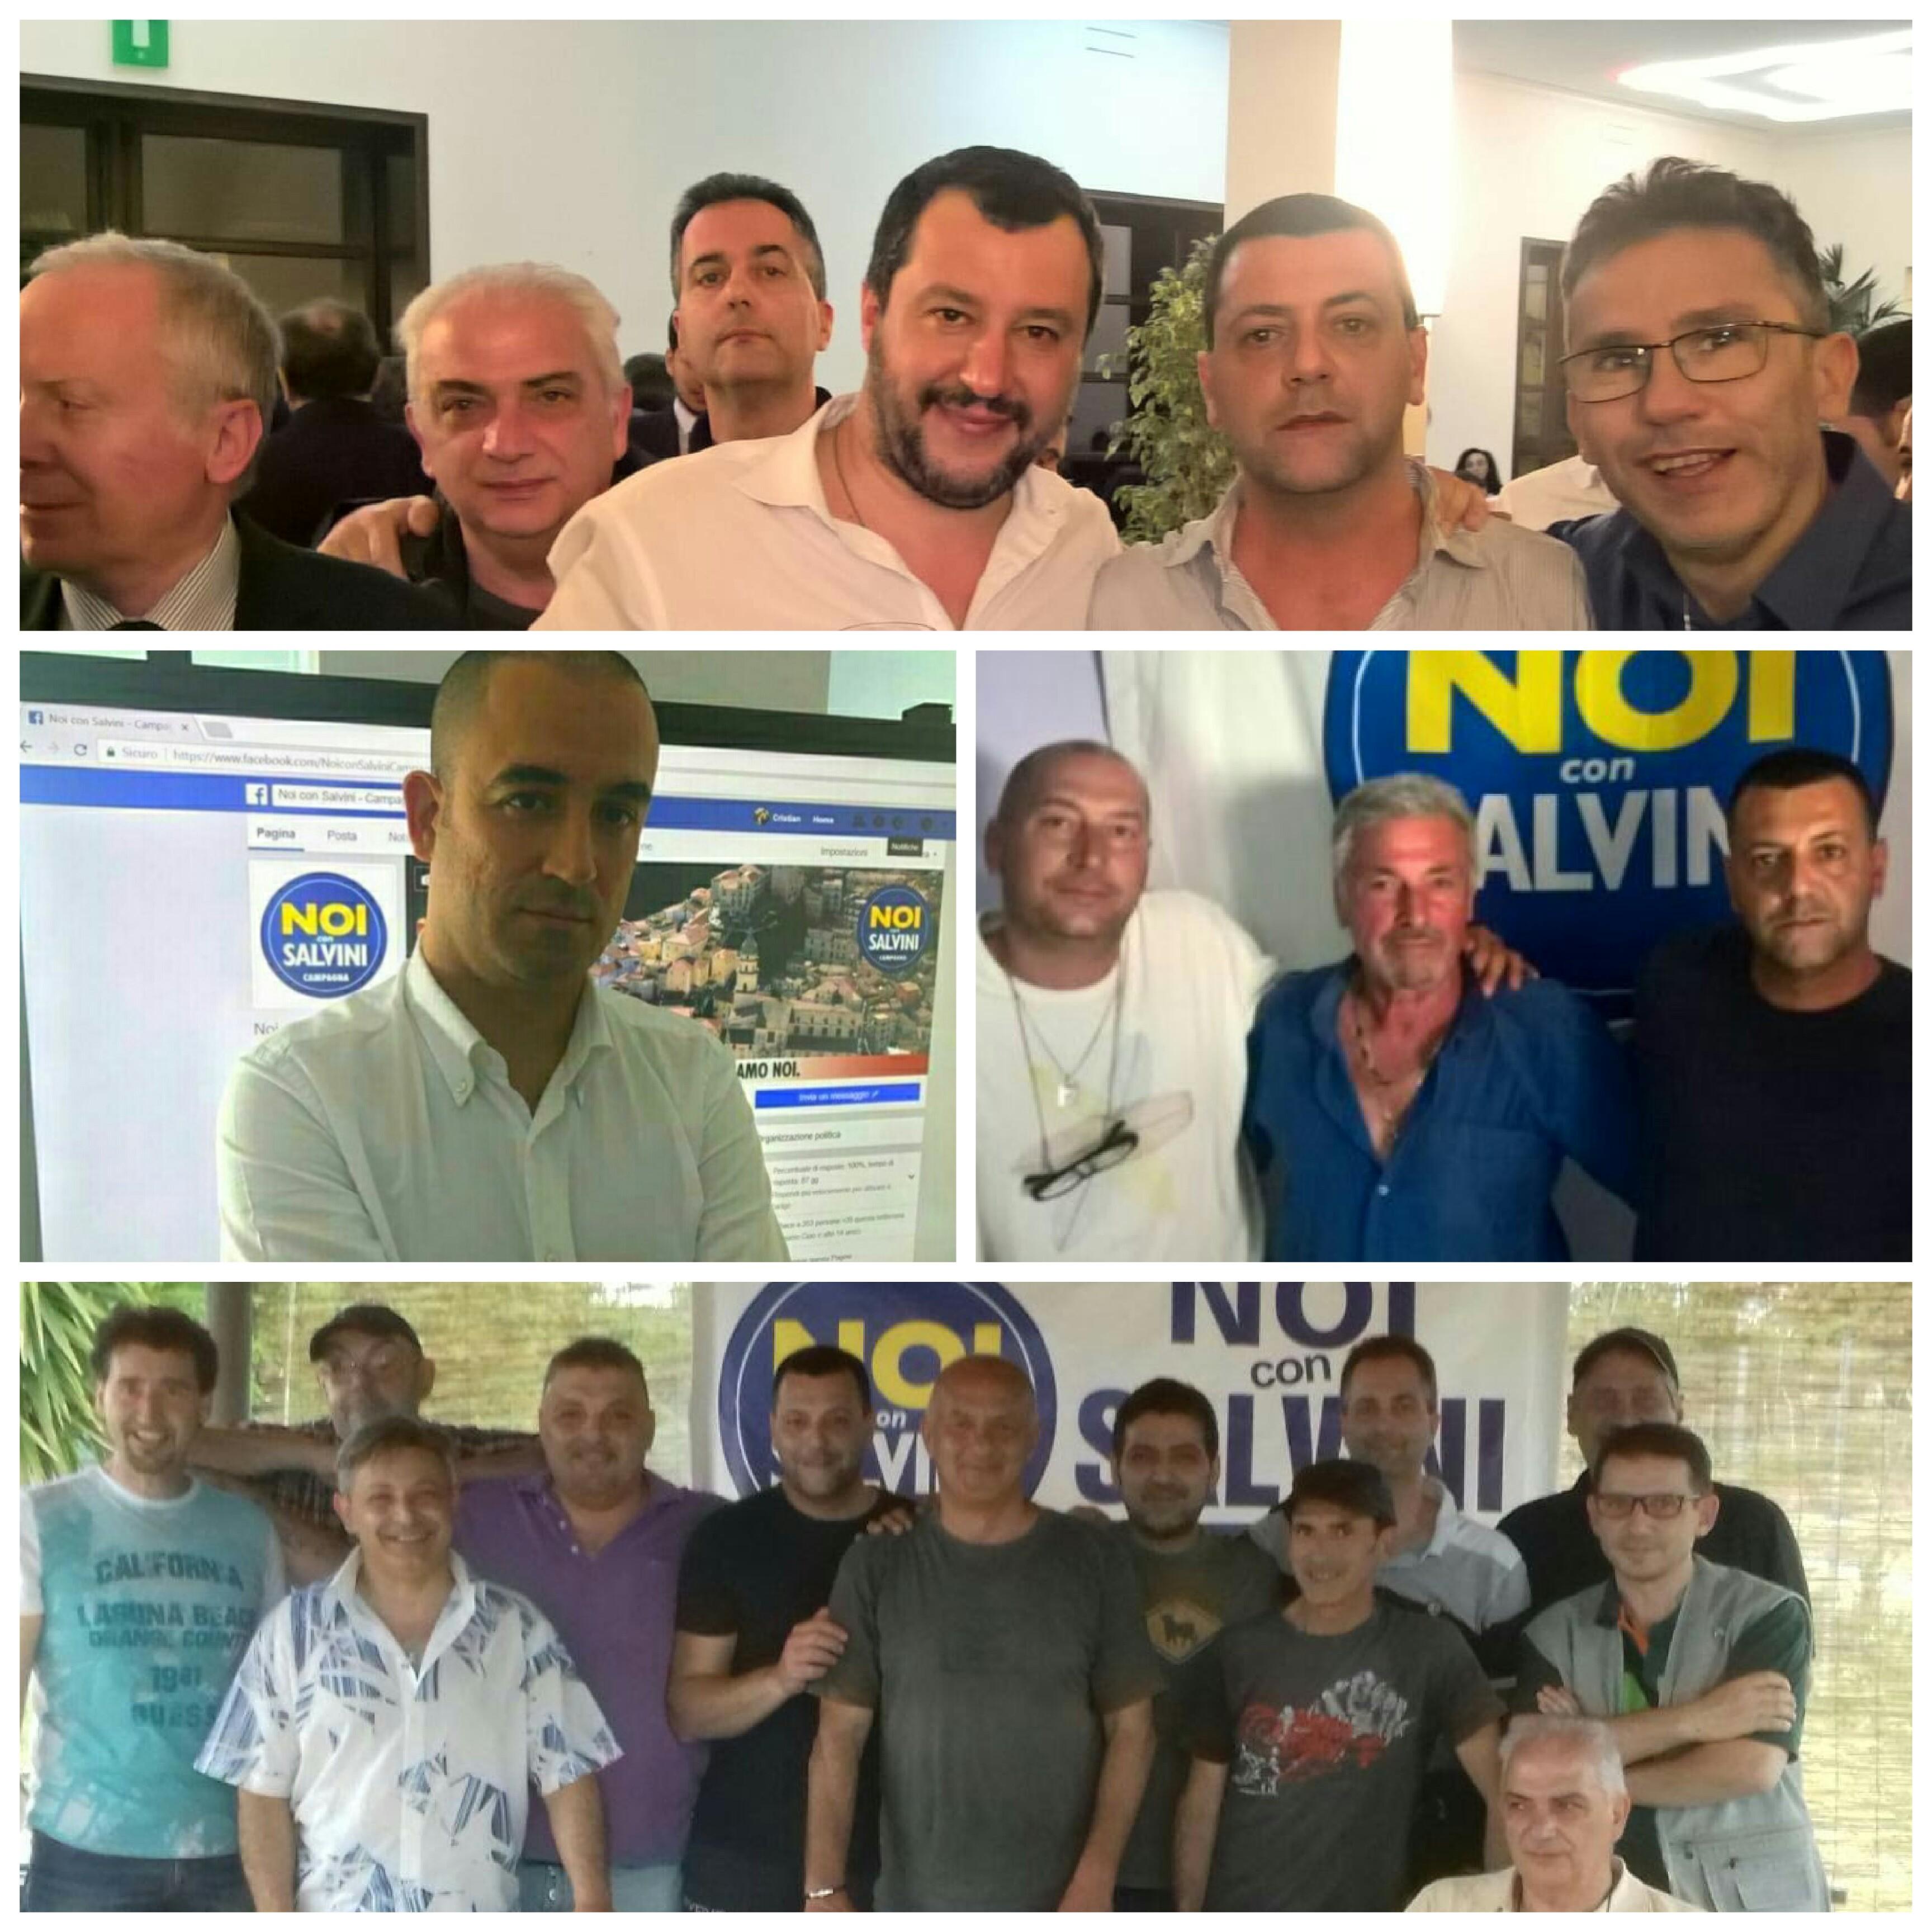 Mateo Salvini con i gruppi di Eboli, Santomenna, Campagna